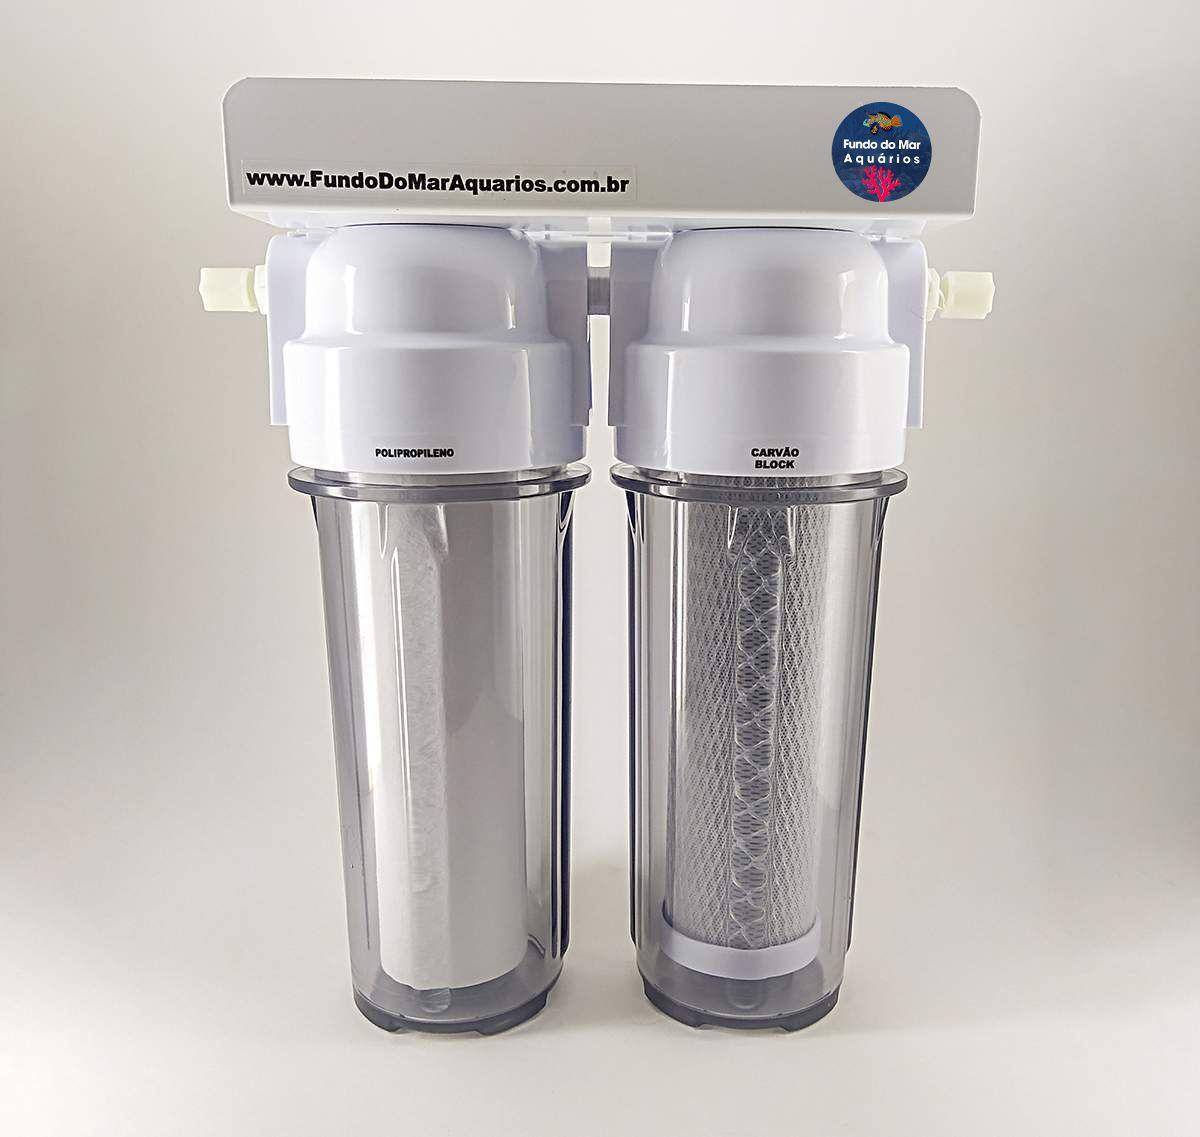 Filtro Para Aquários e Residência - Deionizador 2 Estágios